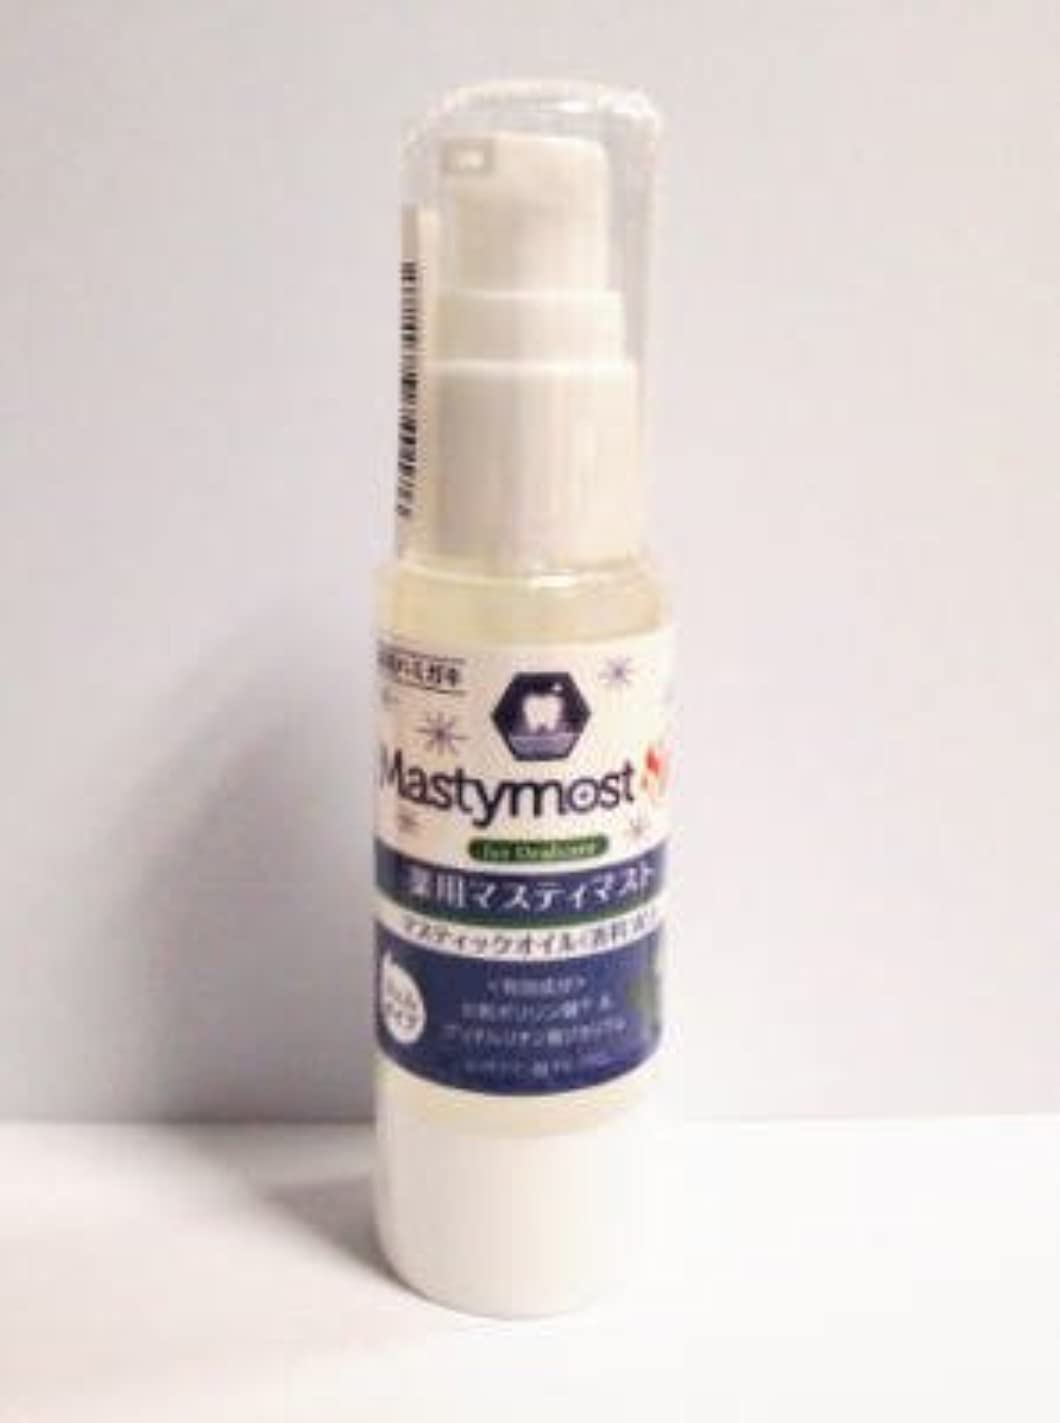 おばさん小売規制する薬用ハミガキ 薬用マスティマストSP ジェルタイプ 30g×2個セット